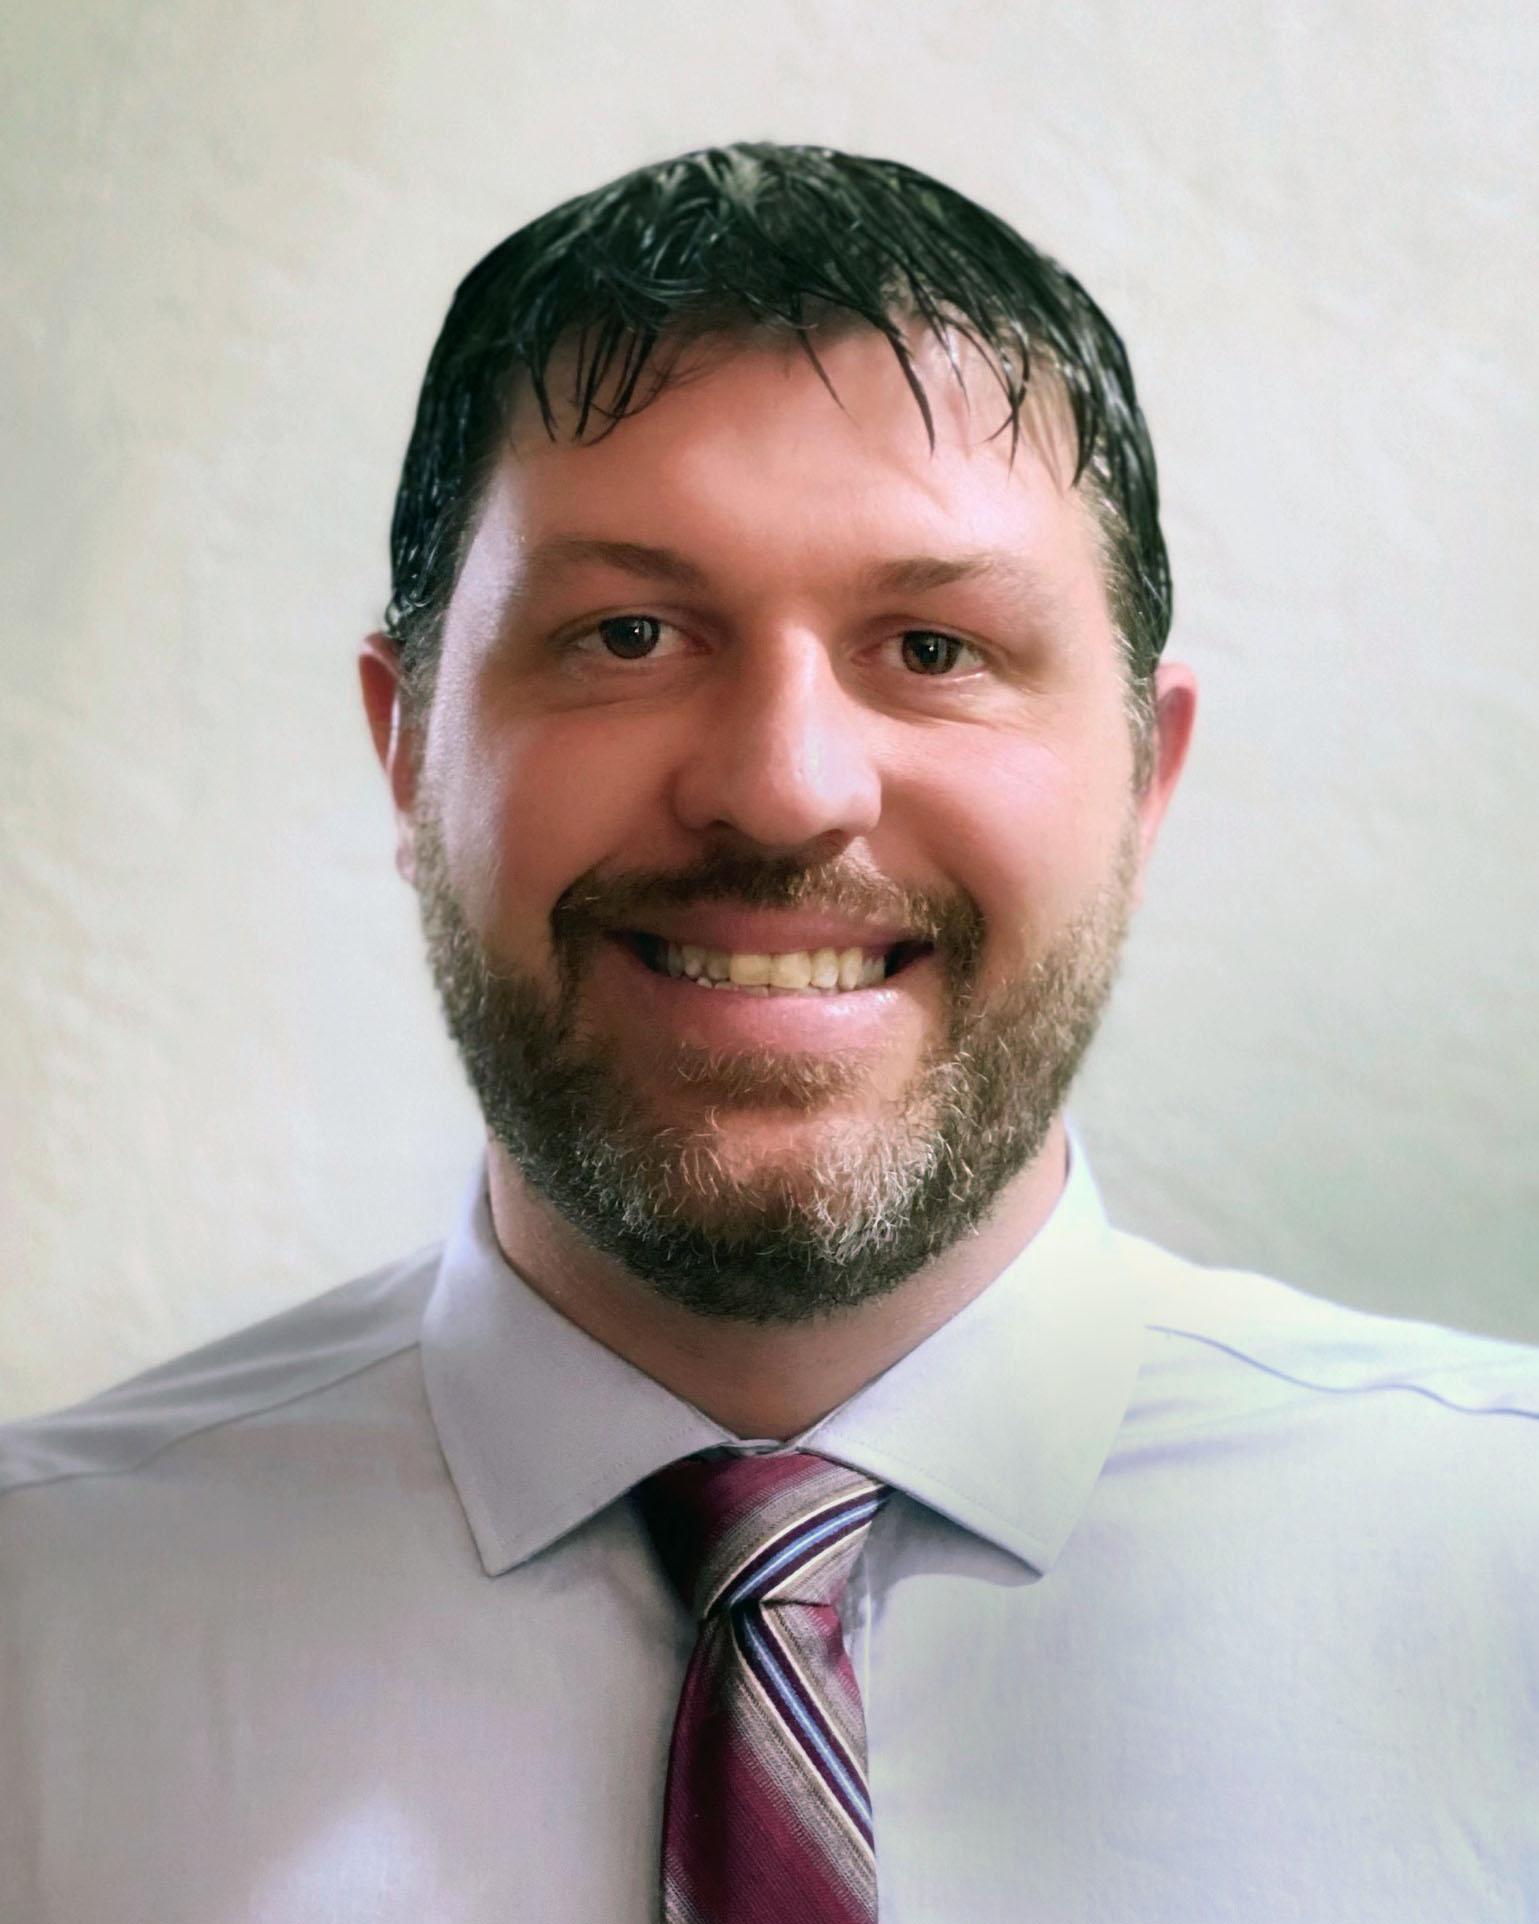 Headshot photo of Michael Hilliard